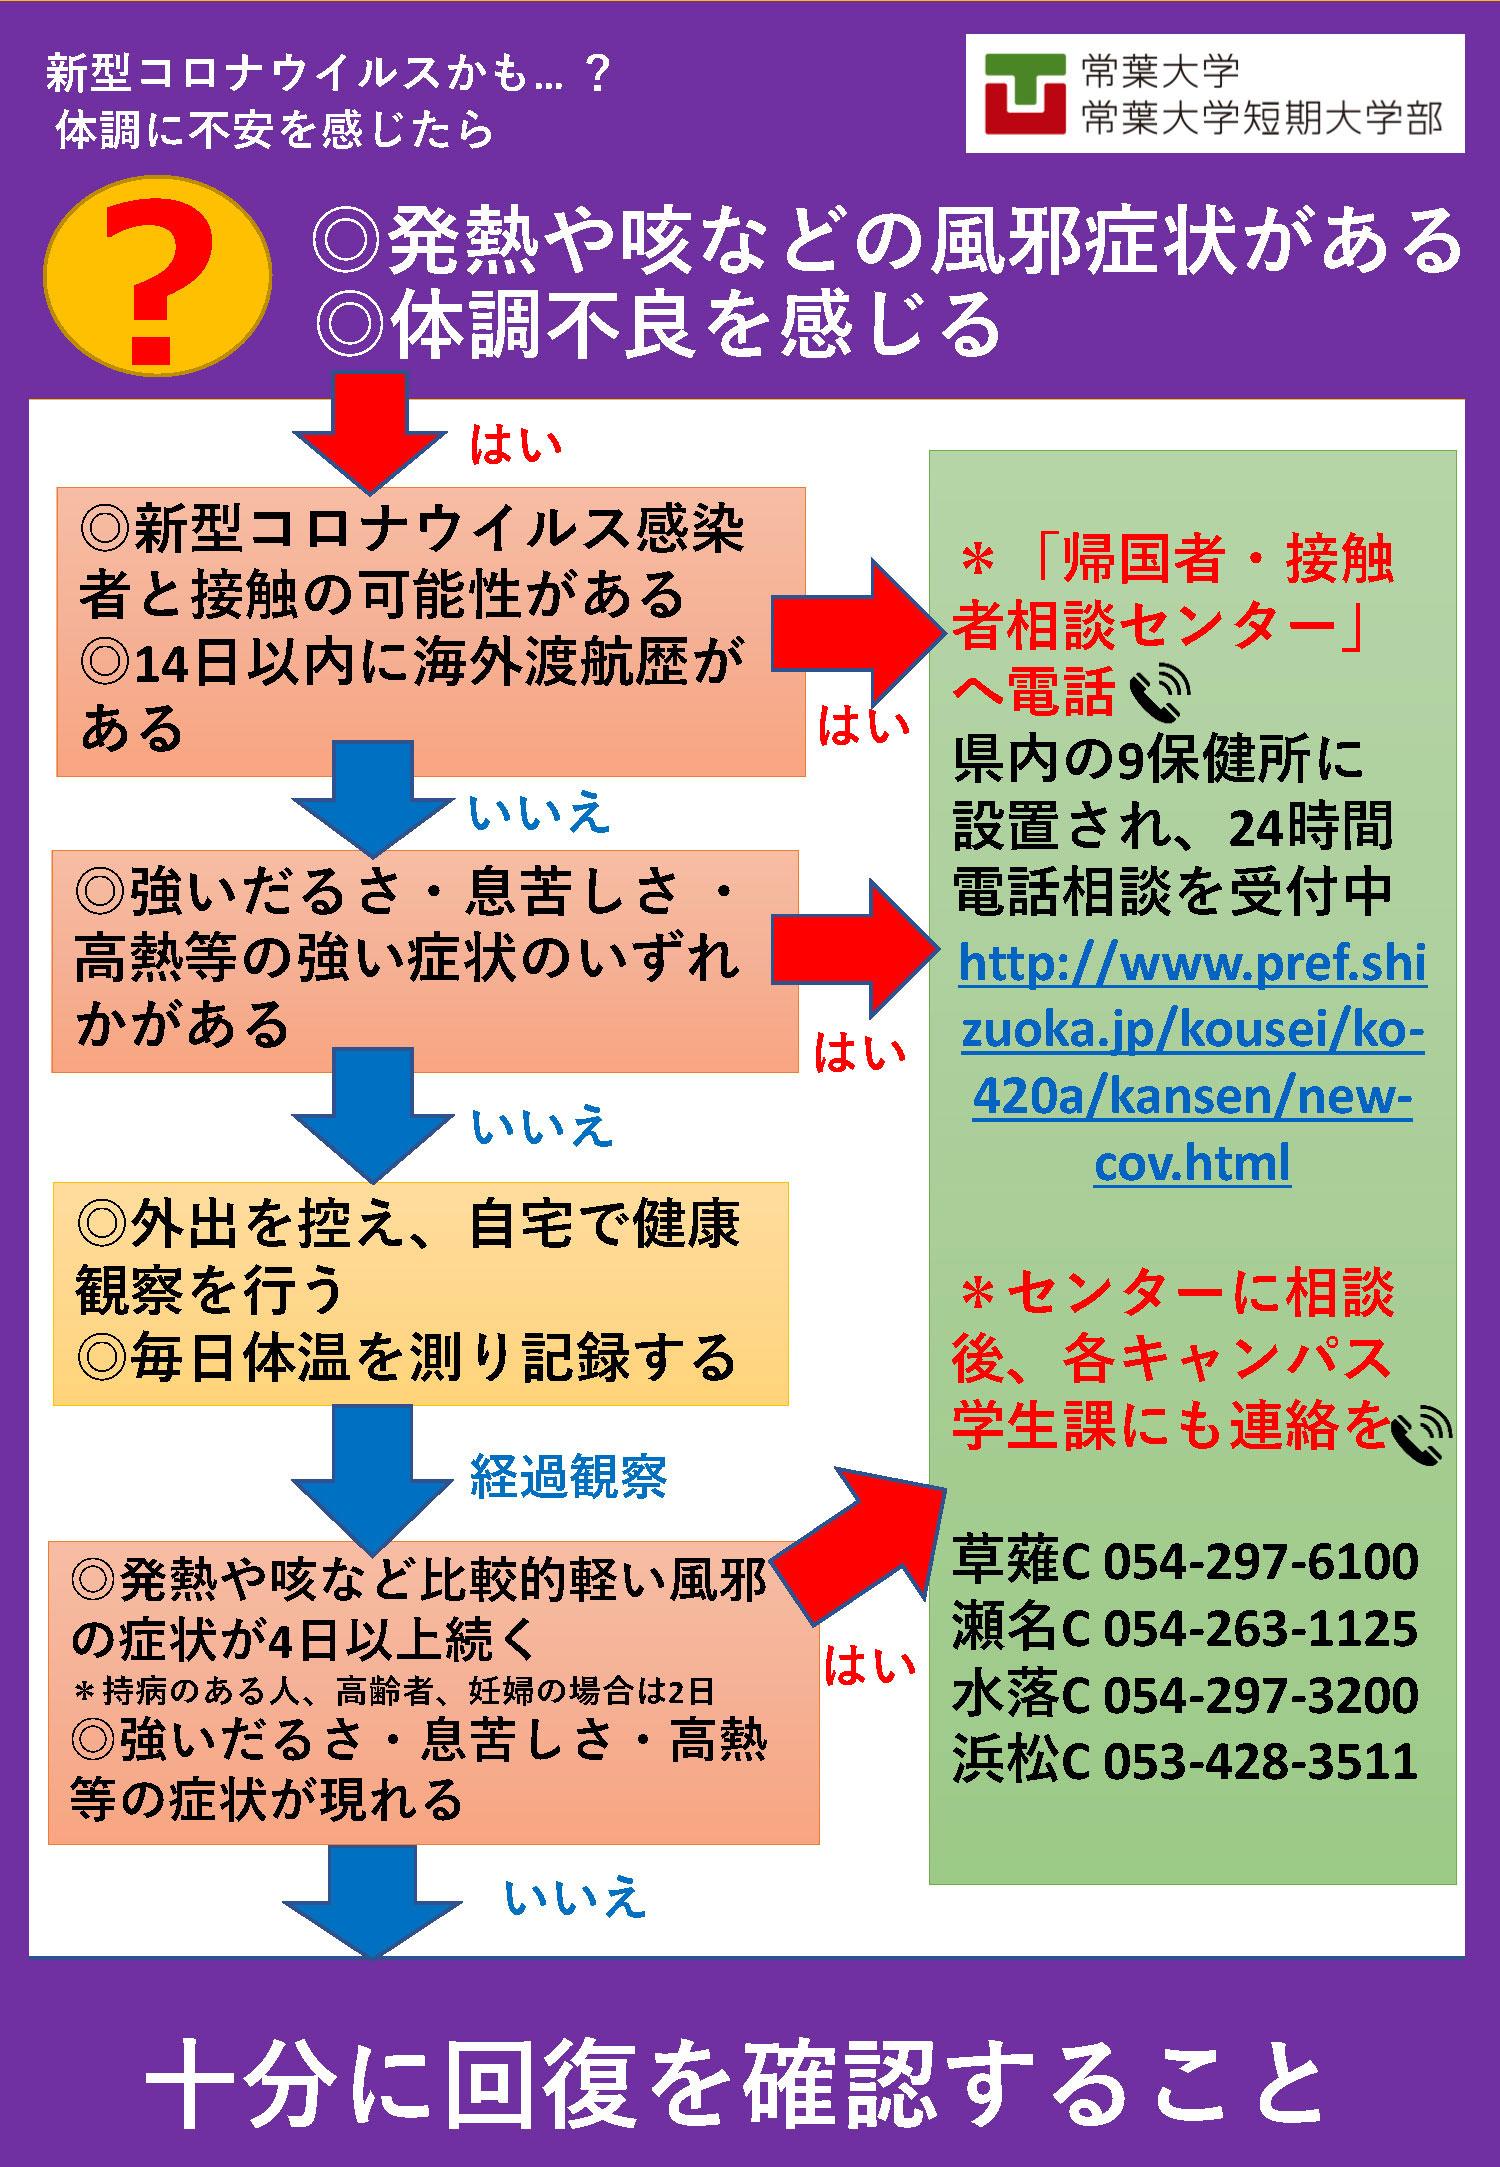 常葉 大学 浜松 キャンパス ポータル サイト